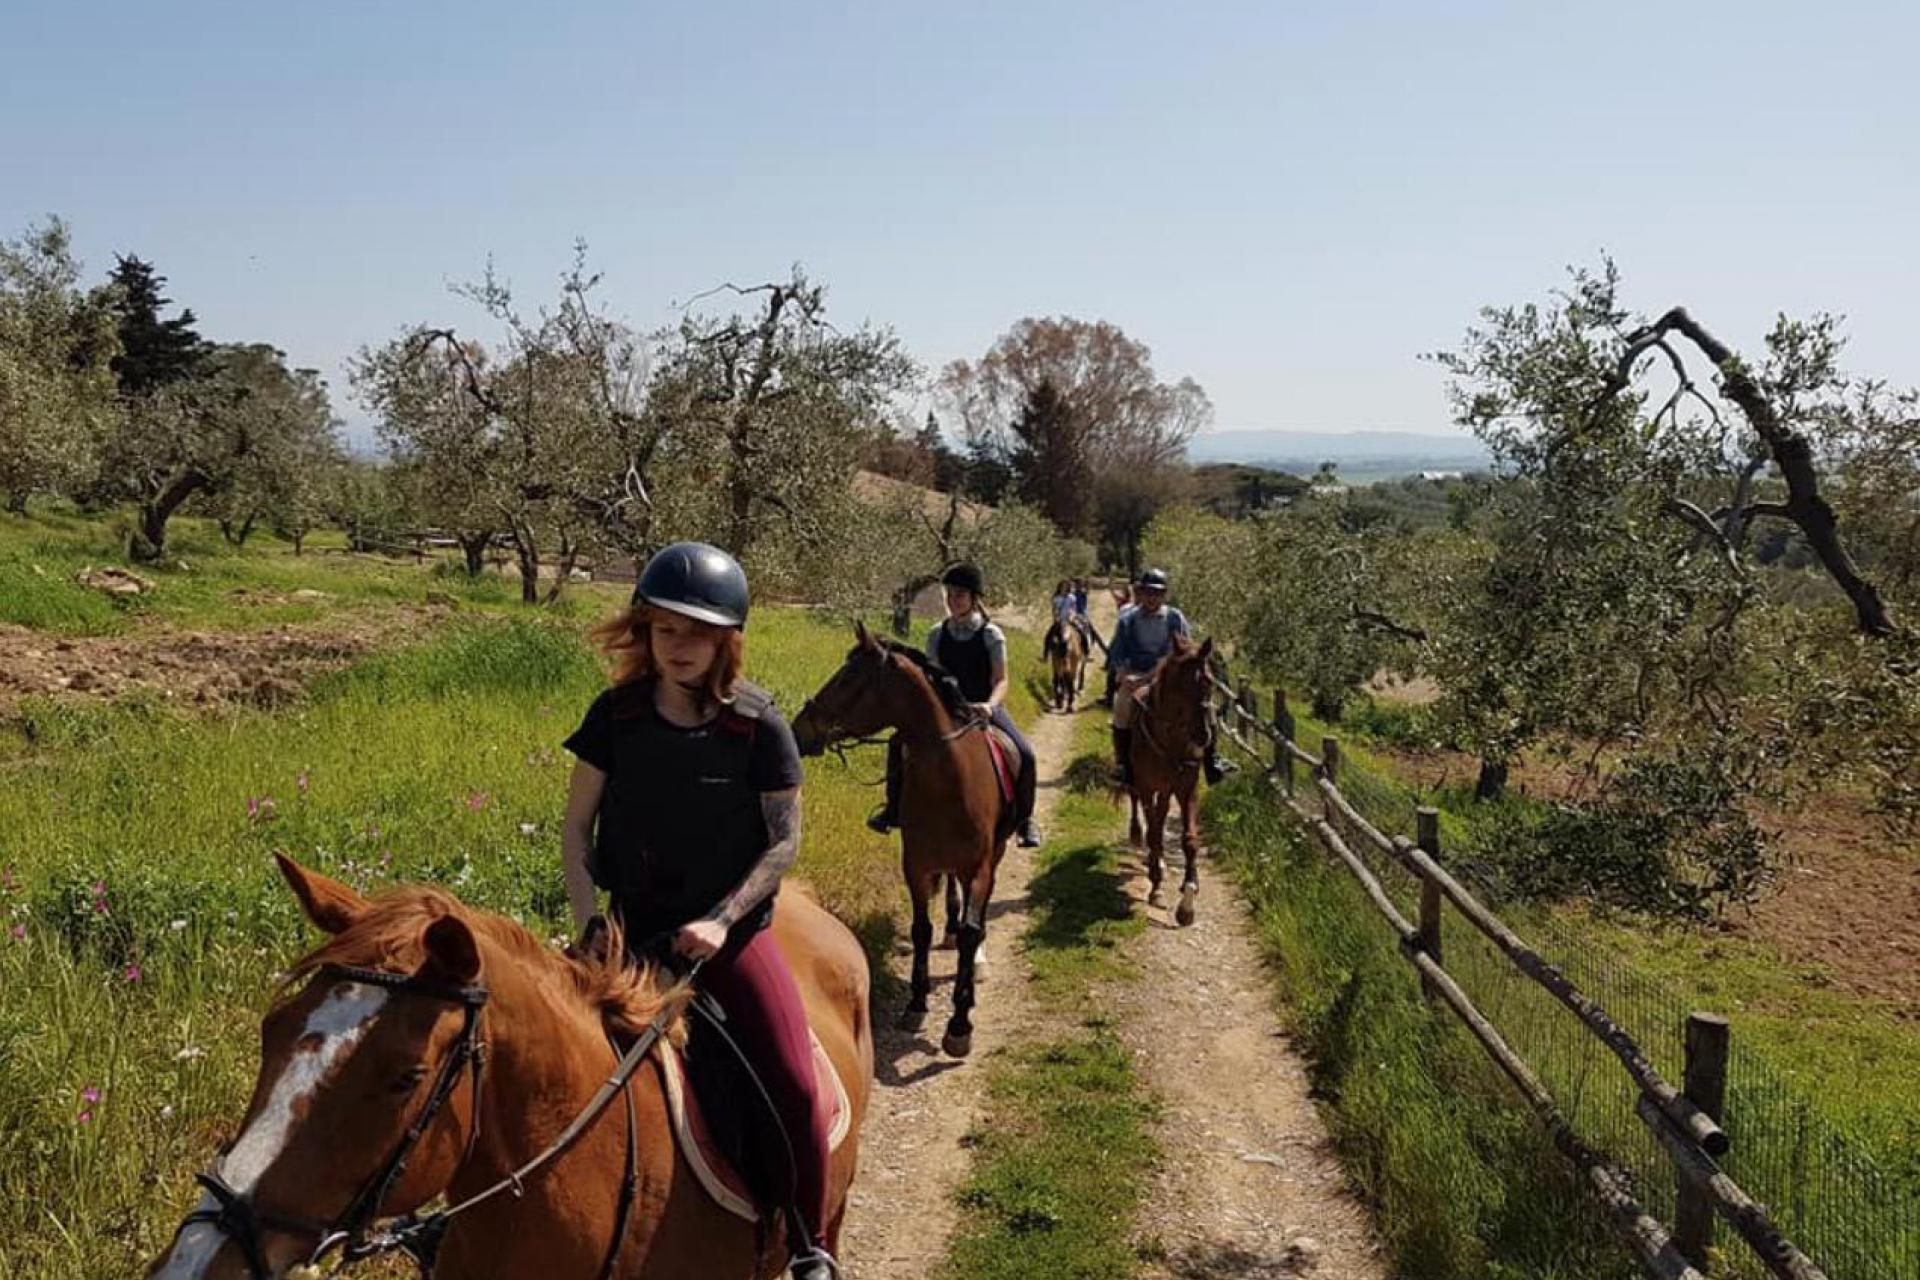 Agriturismo Toscane Vakantie aan de Toscaanse kust | myitaly.nl